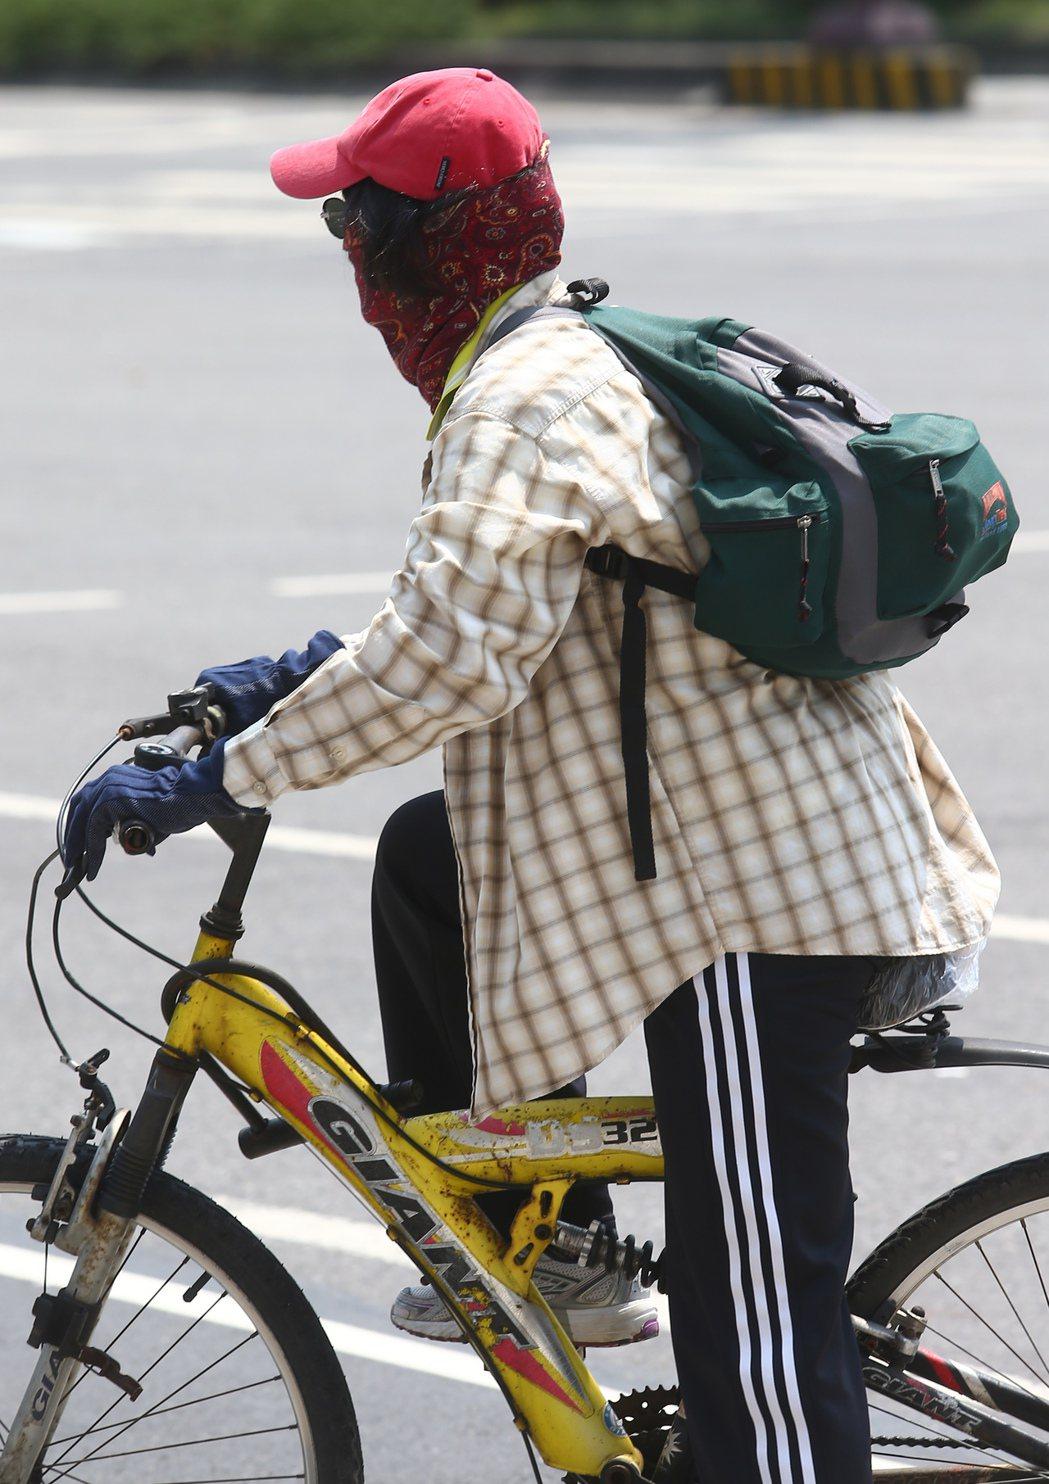 帽子、墨鏡、手套、頭套加外套,許多單車騎士為了躲太陽,全副武裝的裝扮,讓人分不清...